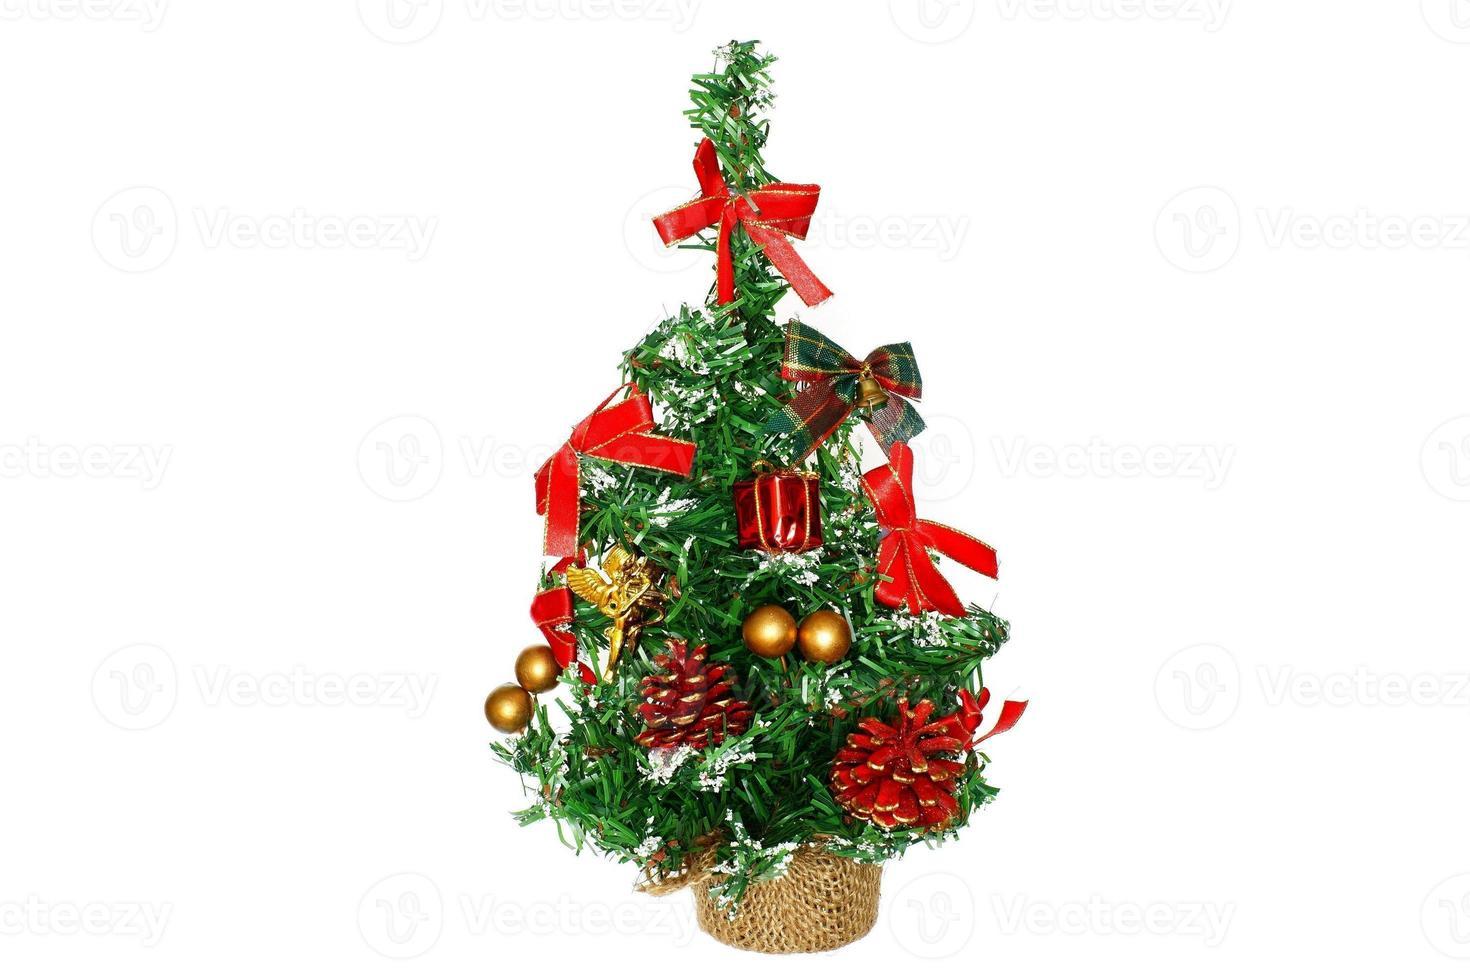 gran för julhelgen foto